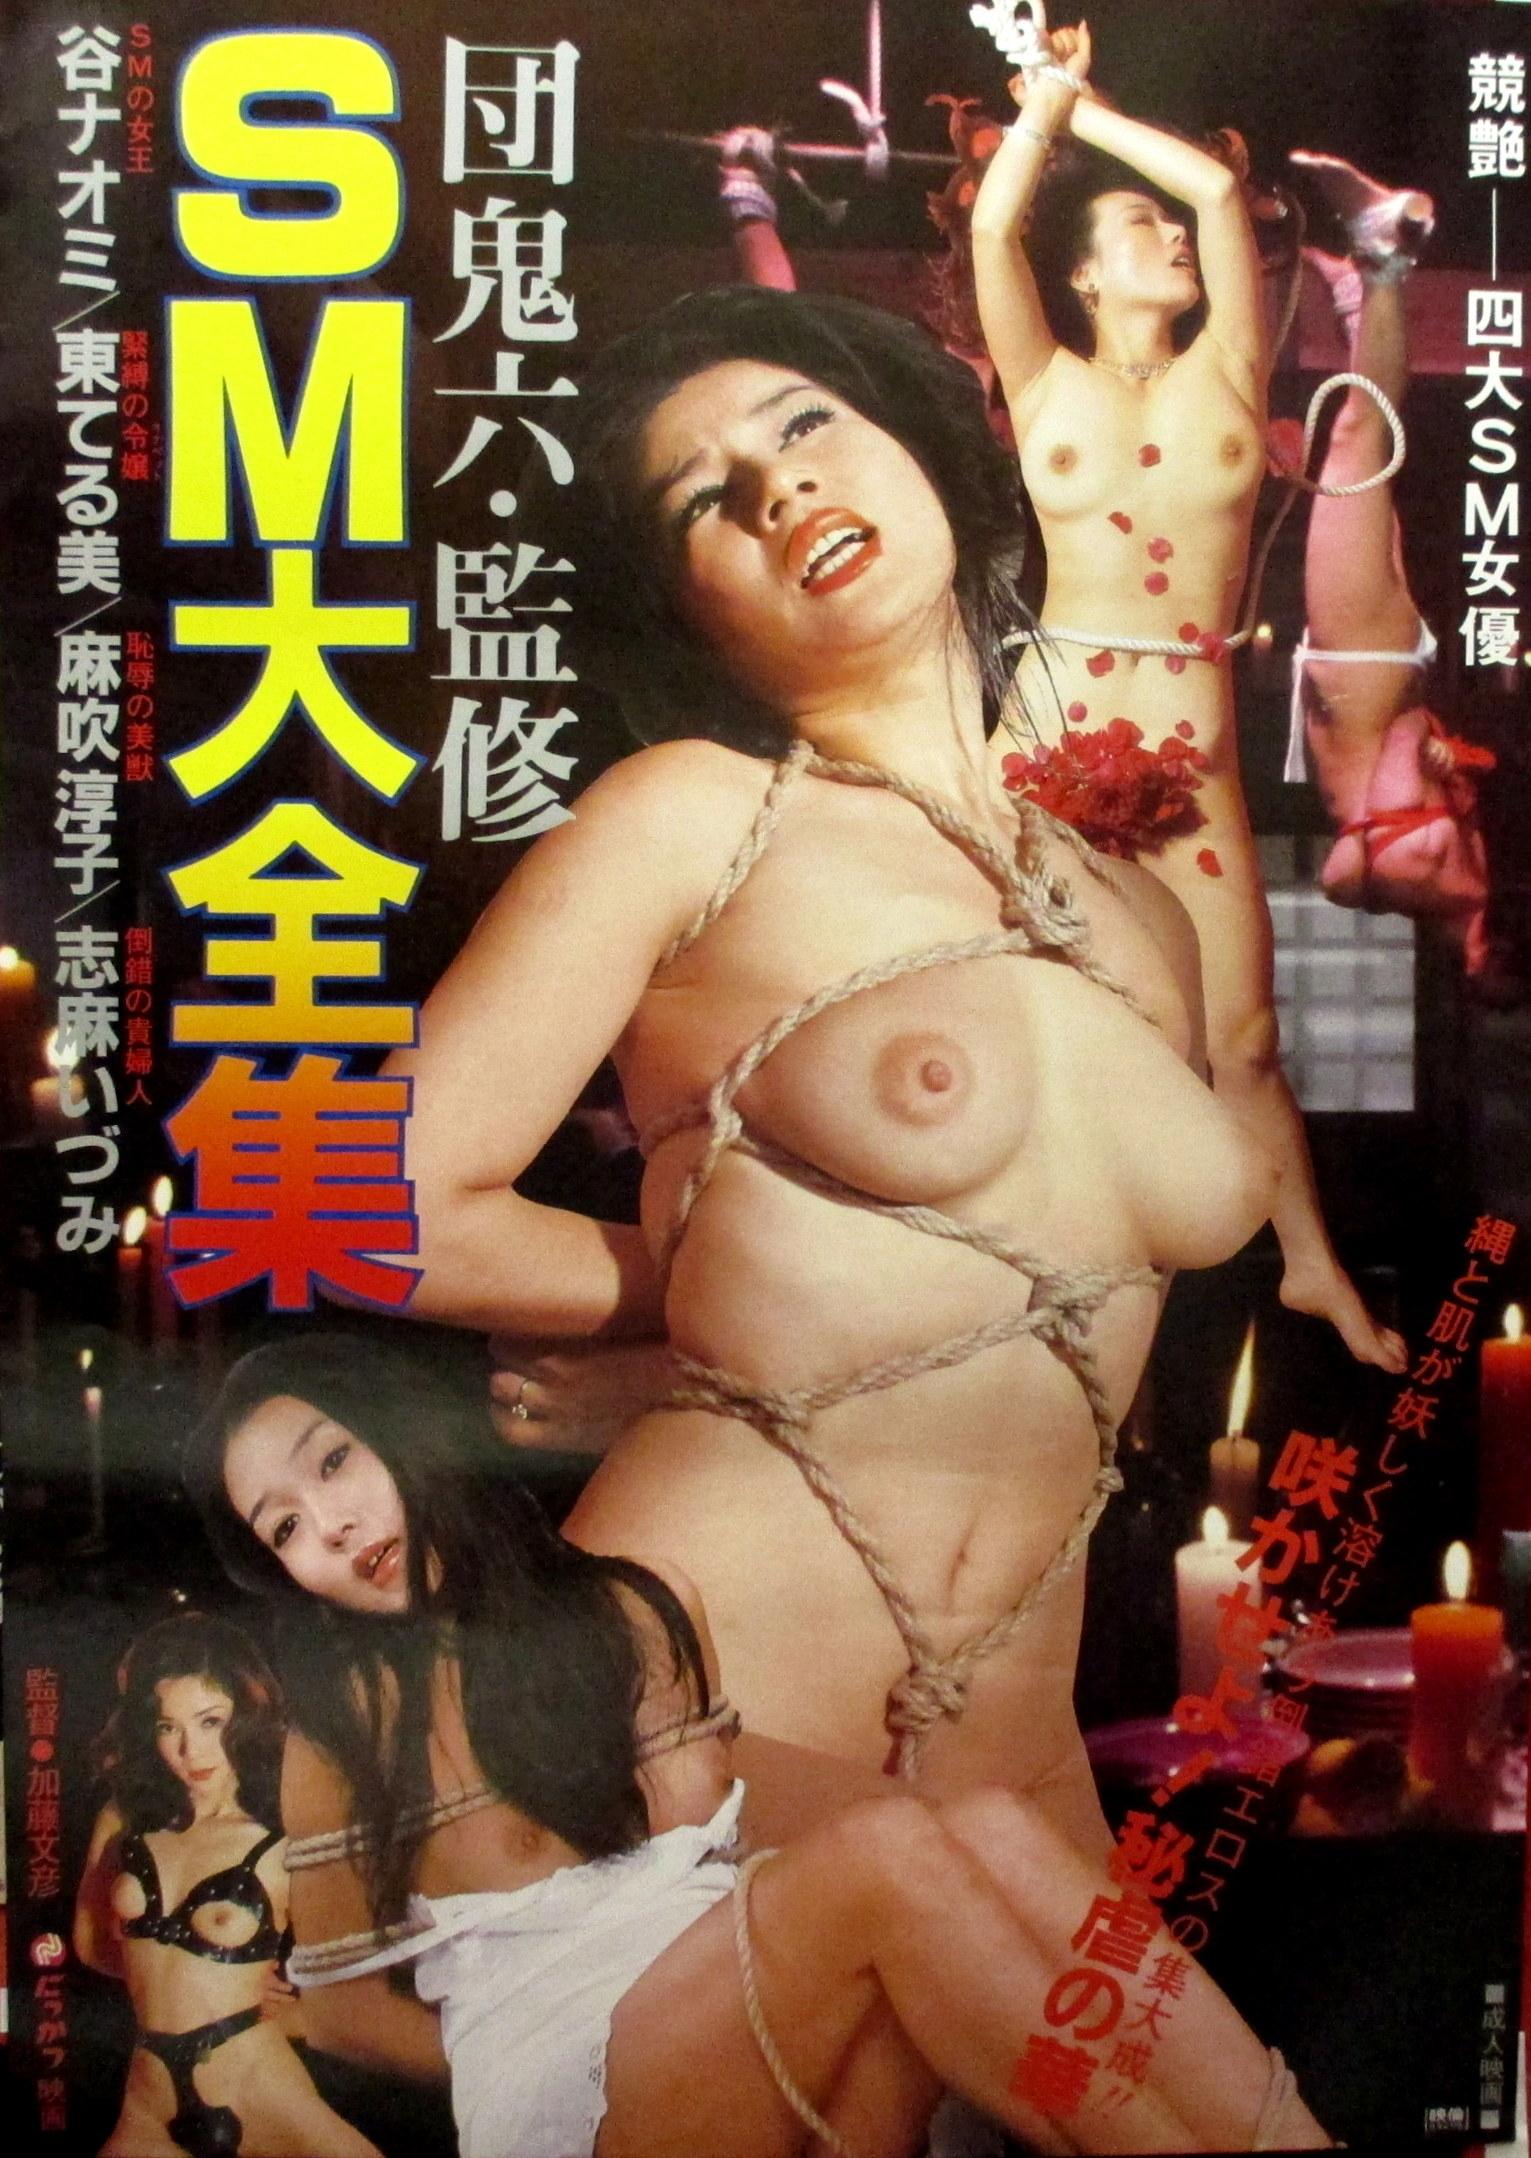 麻吹淳子sm画像 ファイル:Urado2.jpg - SMpedia